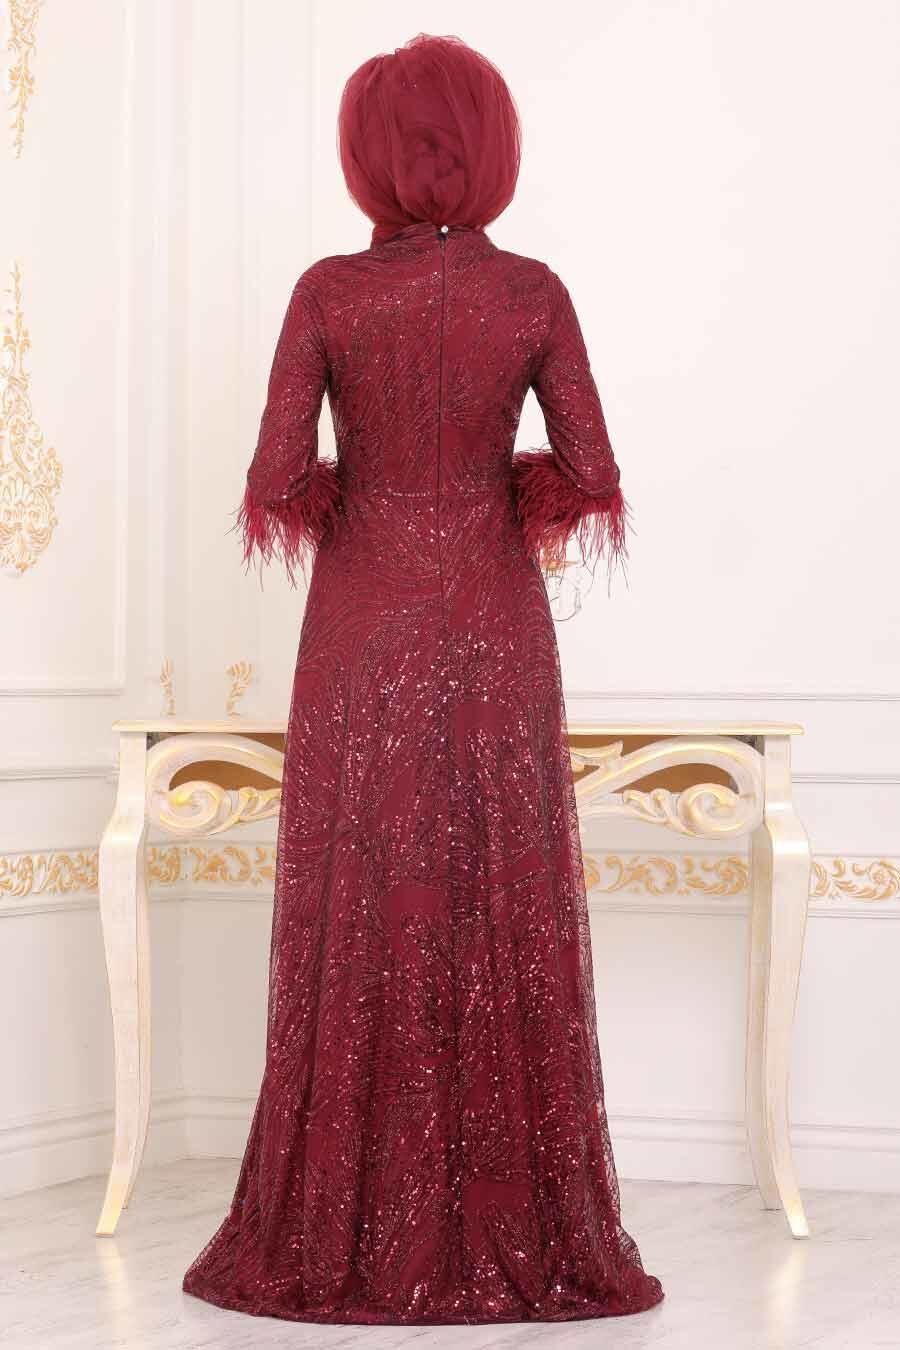 Tesettürlü Abiye Elbise - Desenli Pul Payetli Bordo Tesettür Abiye Elbise 39191BR